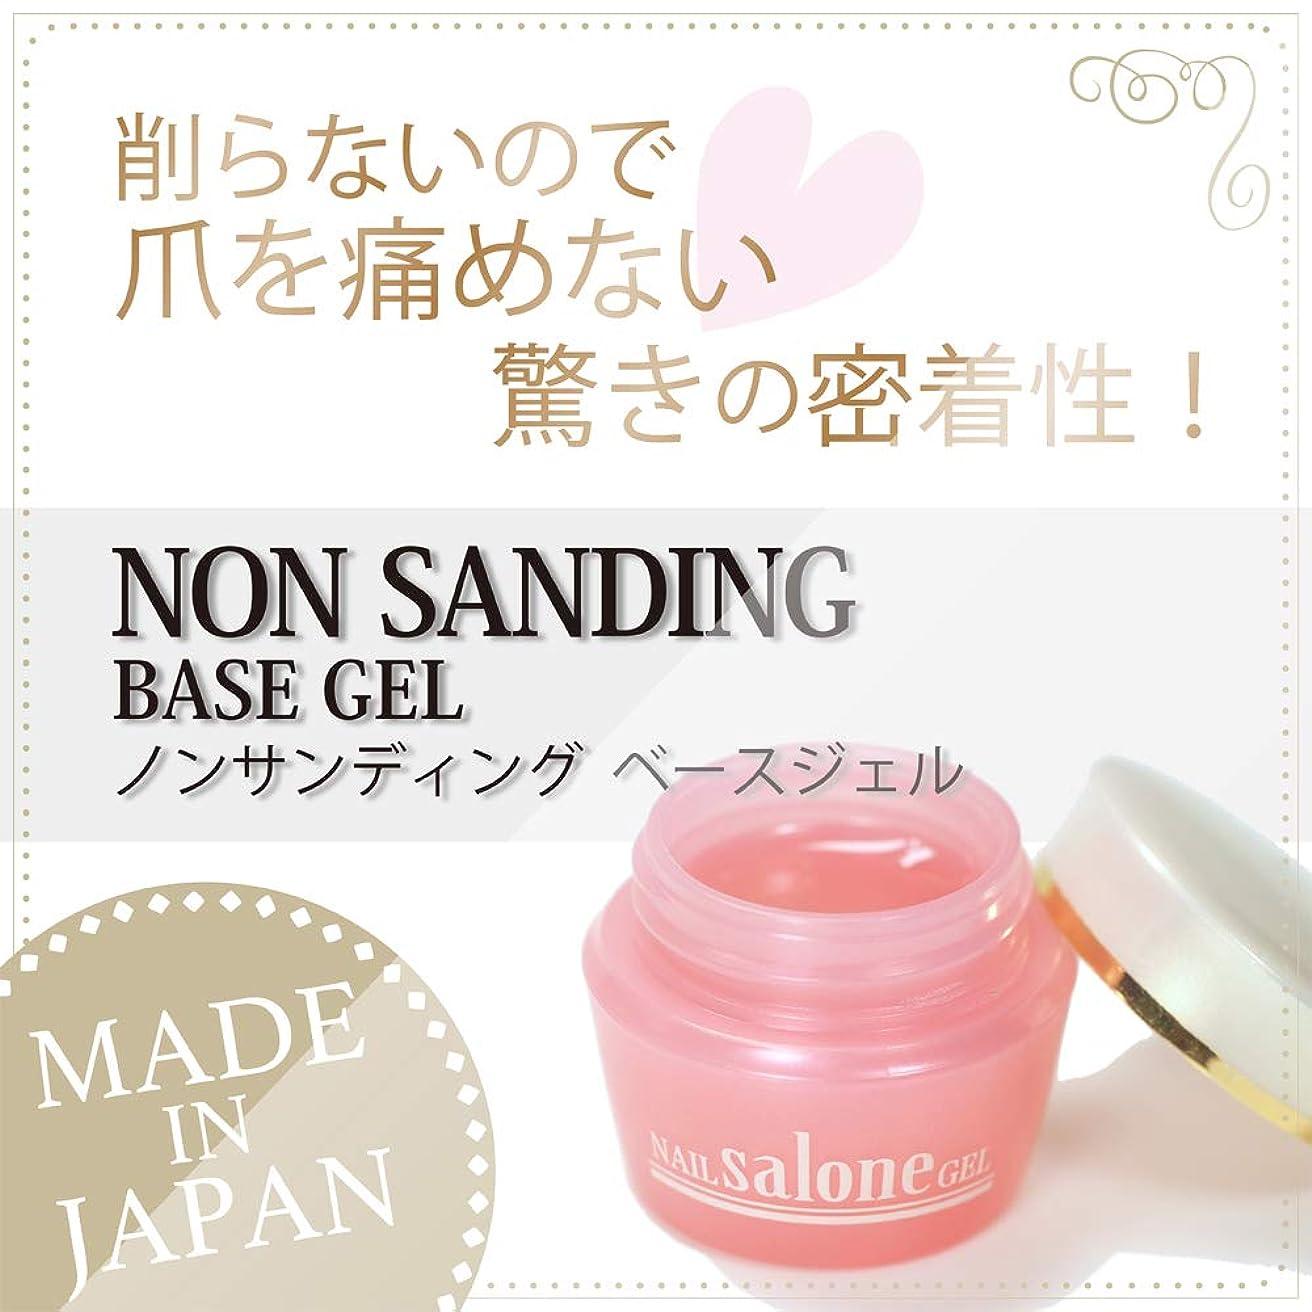 太平洋諸島ライン盆Salone gel サローネノンサンディング ベースジェル 削らないので爪に優しい 抜群の密着力 リムーバーでオフも簡単 3g